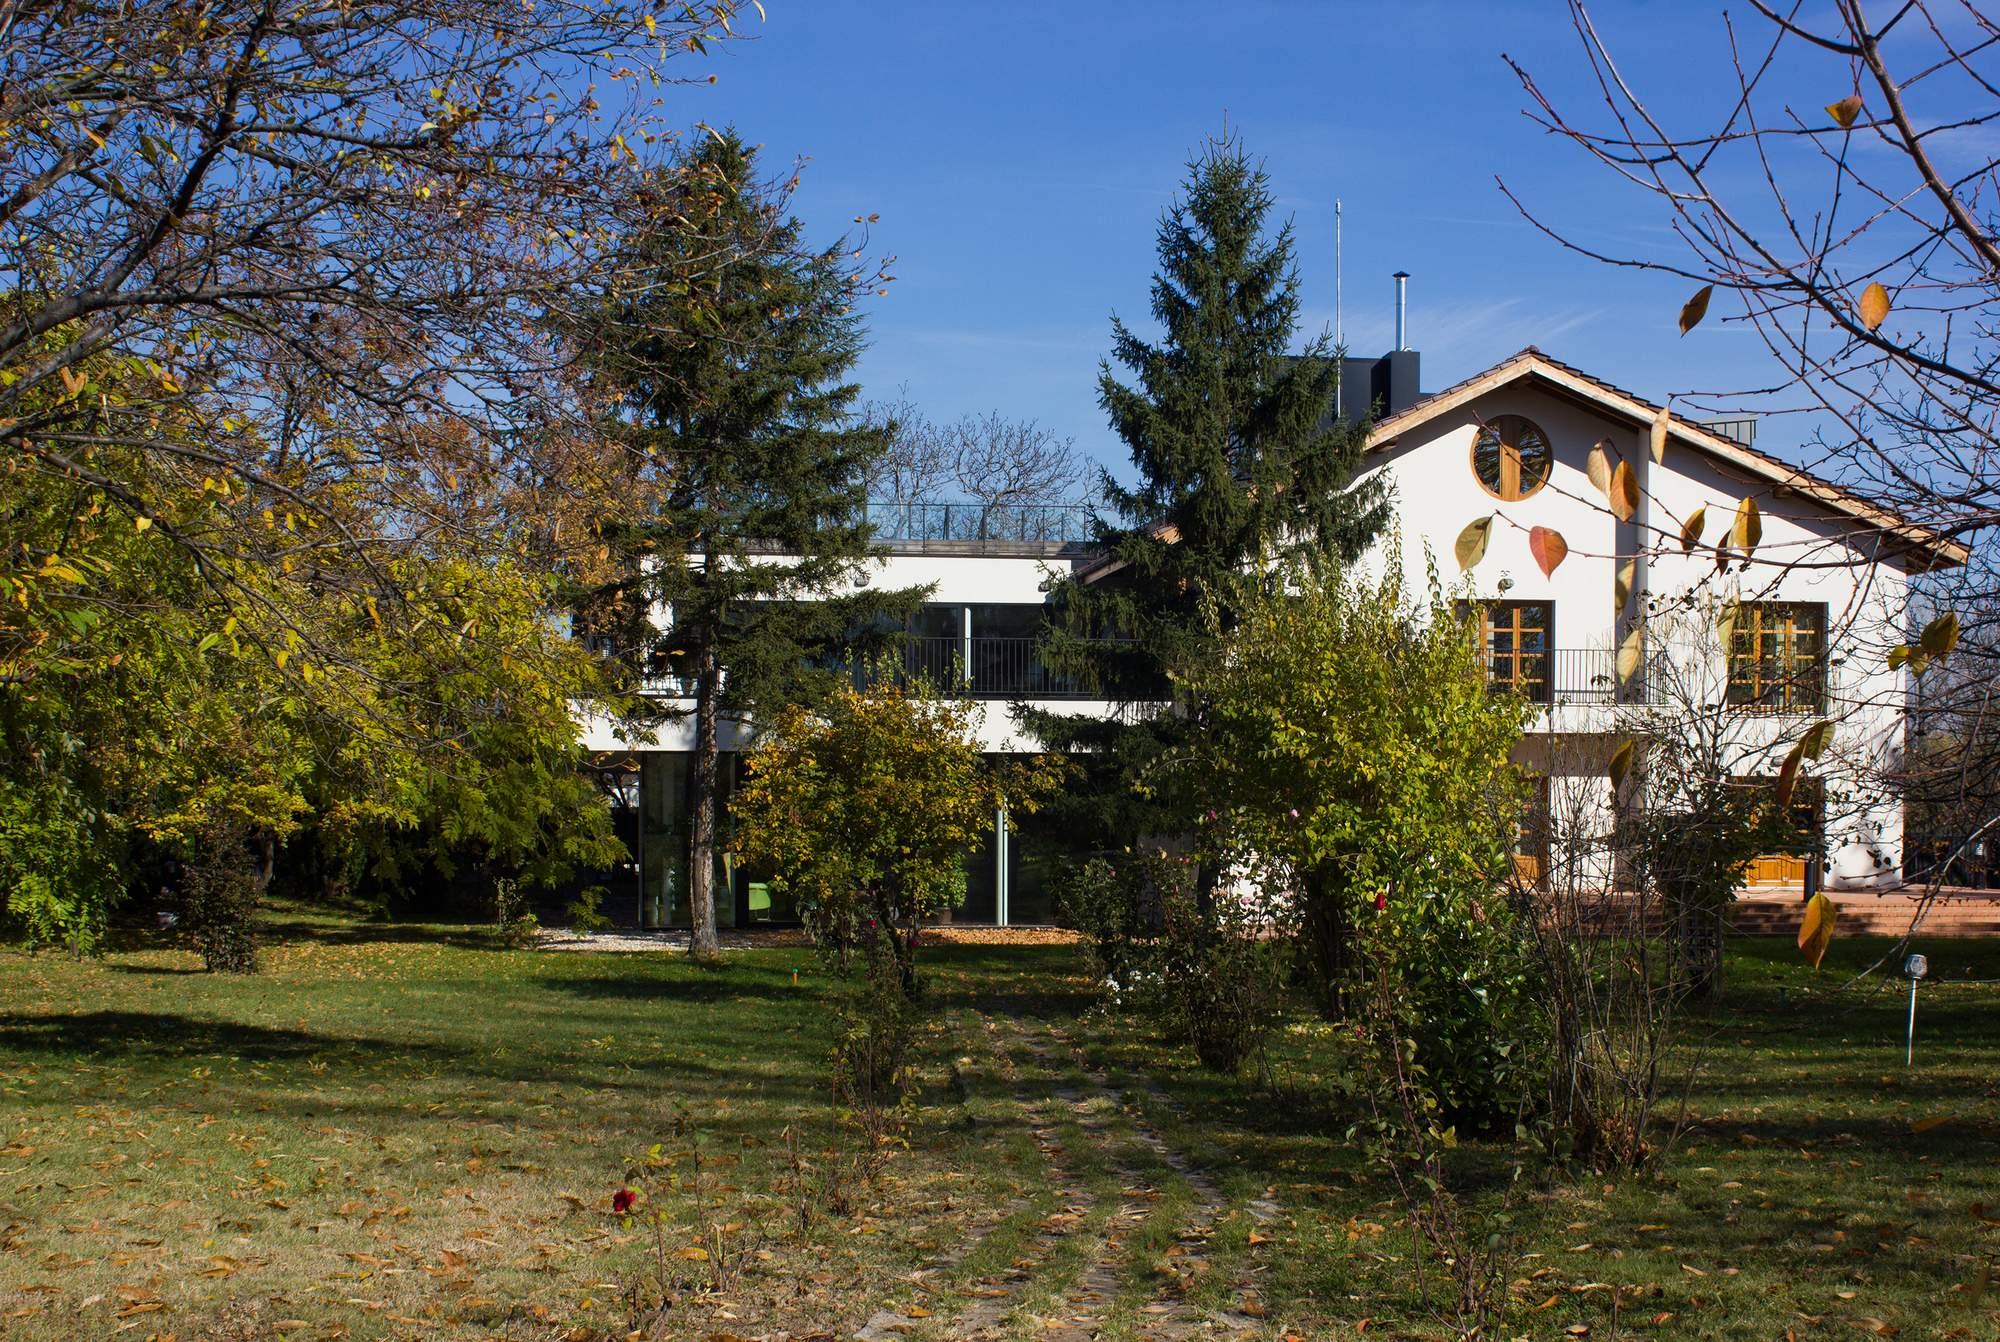 Резиденция «Вишневый сад» на месте бывших солдатских казарм в Болгарии